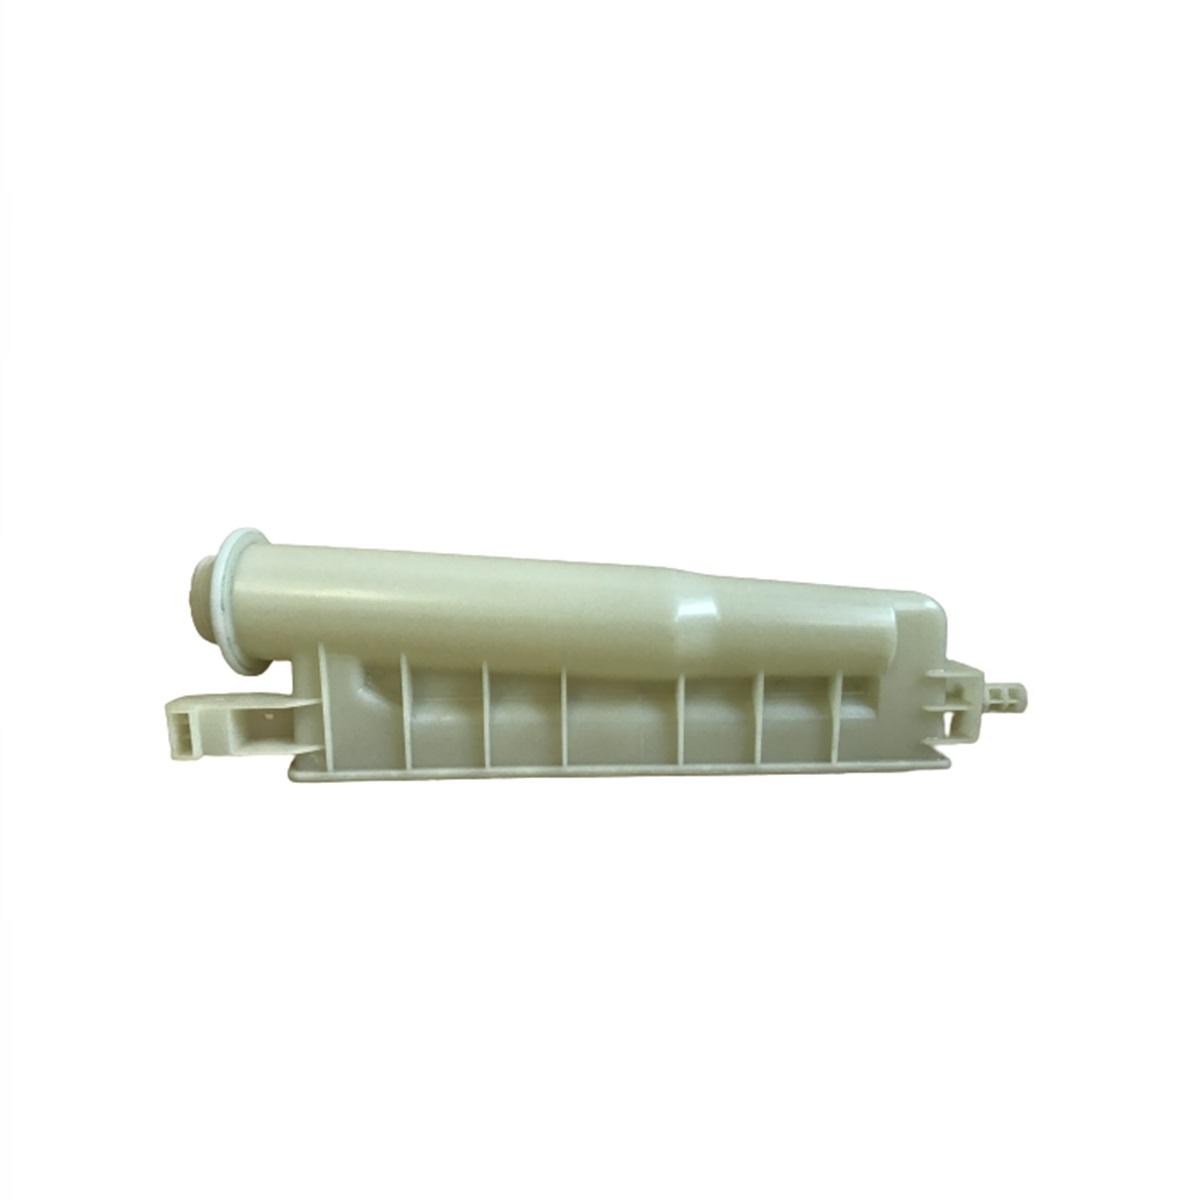 Caixa de Radiador Fiat Uno Com Reservatório Modelo Denso 37mmx322mm